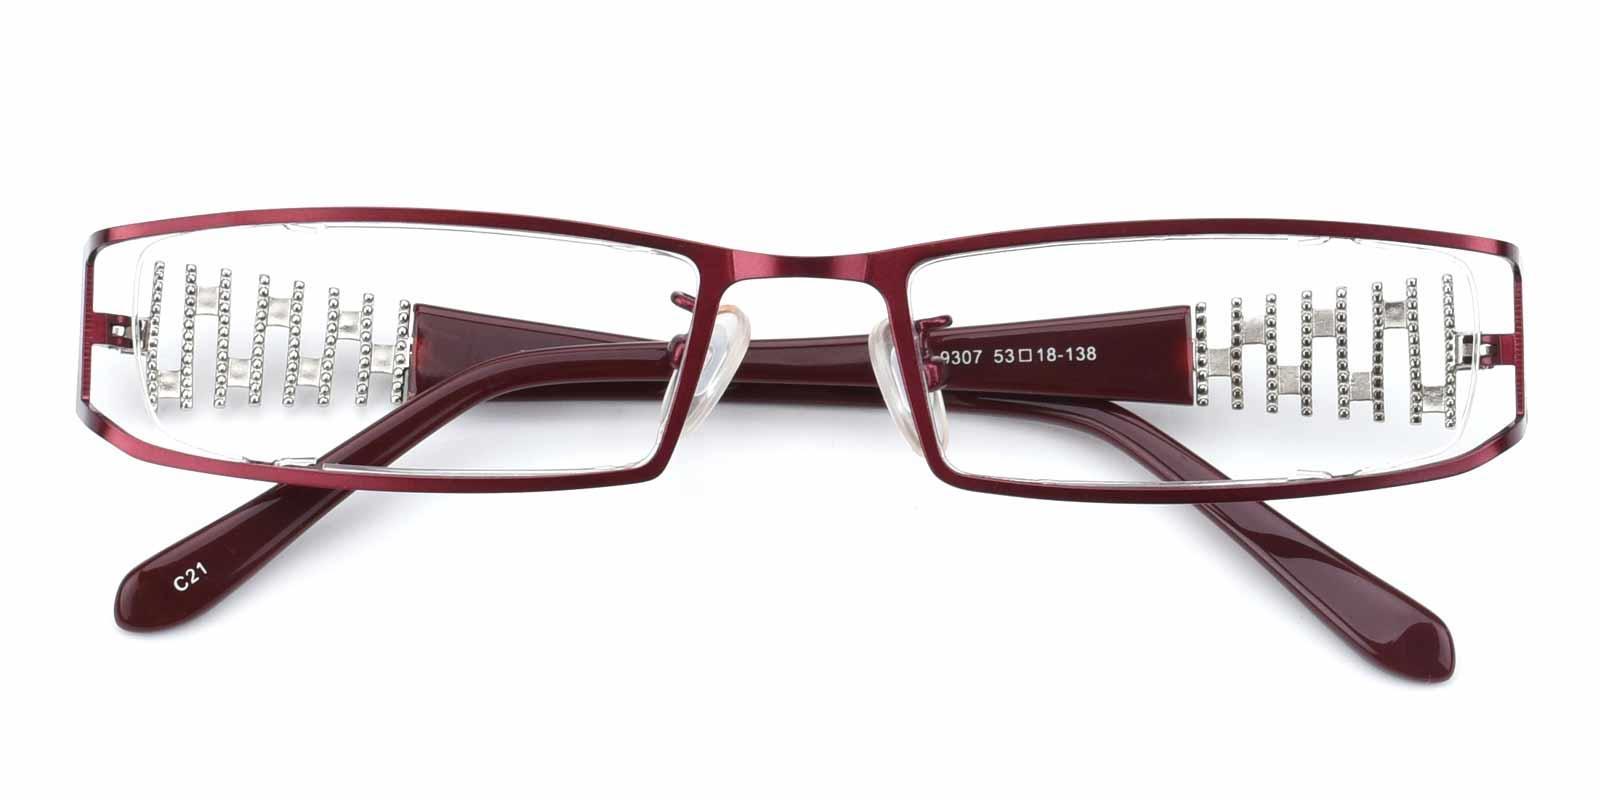 Akili-Red-Rectangle-Metal-Eyeglasses-detail